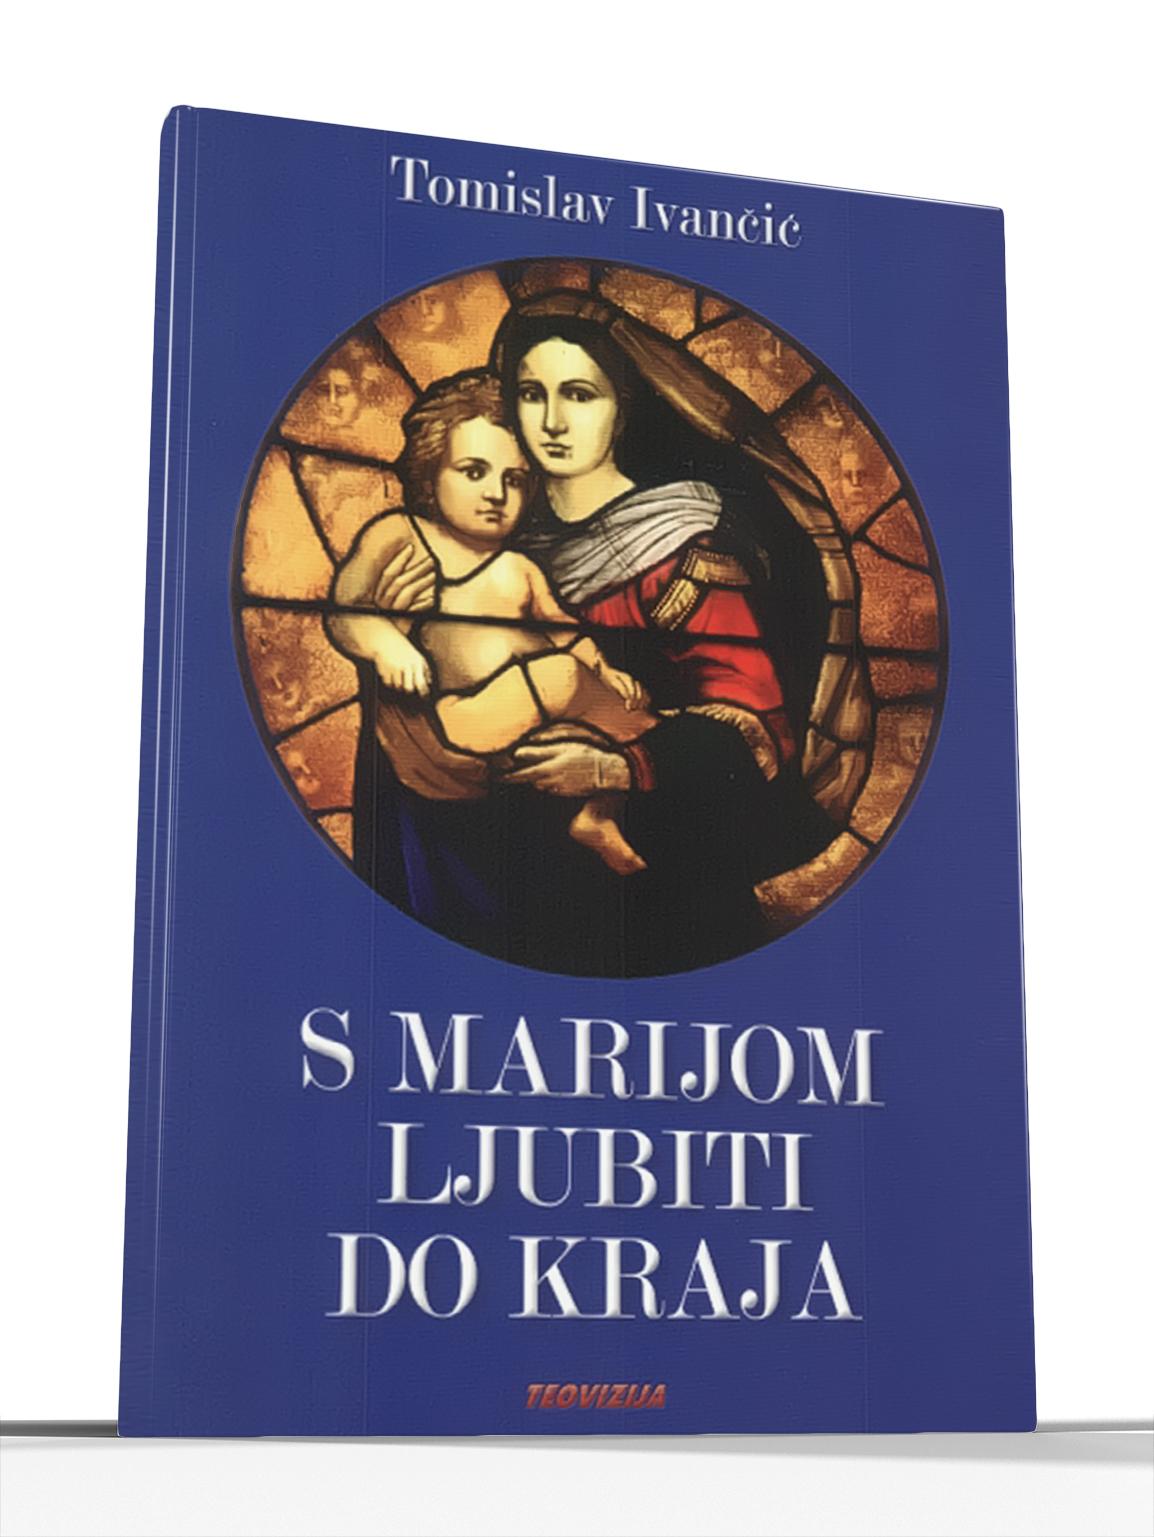 S MARIJOM LJUBITI DO KRAJA - Tomislav Ivančić